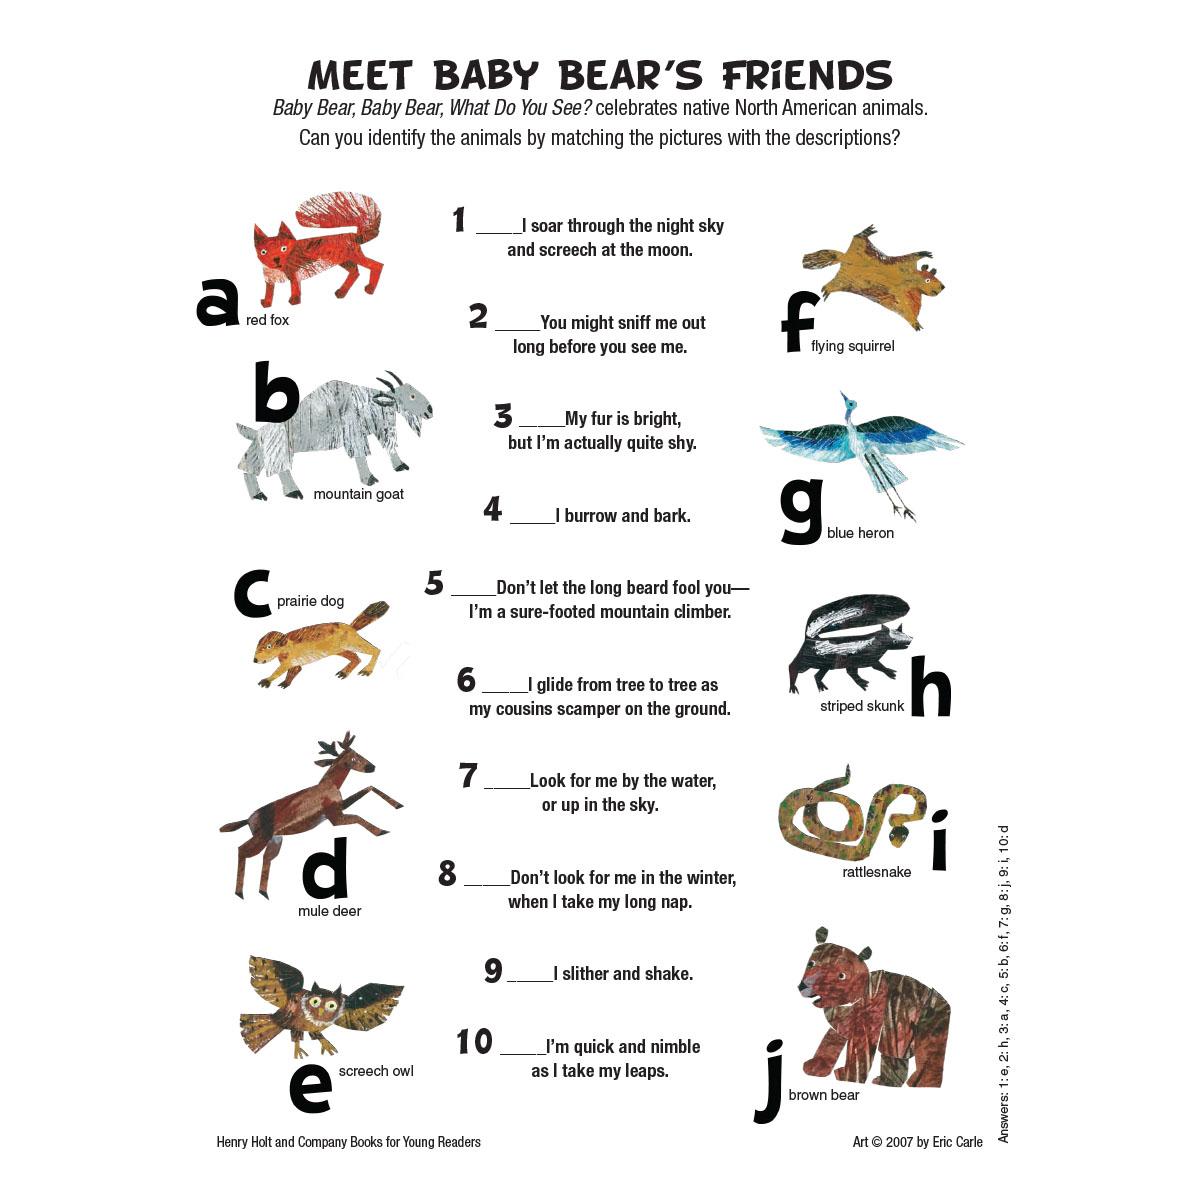 Baby Bear: Friends